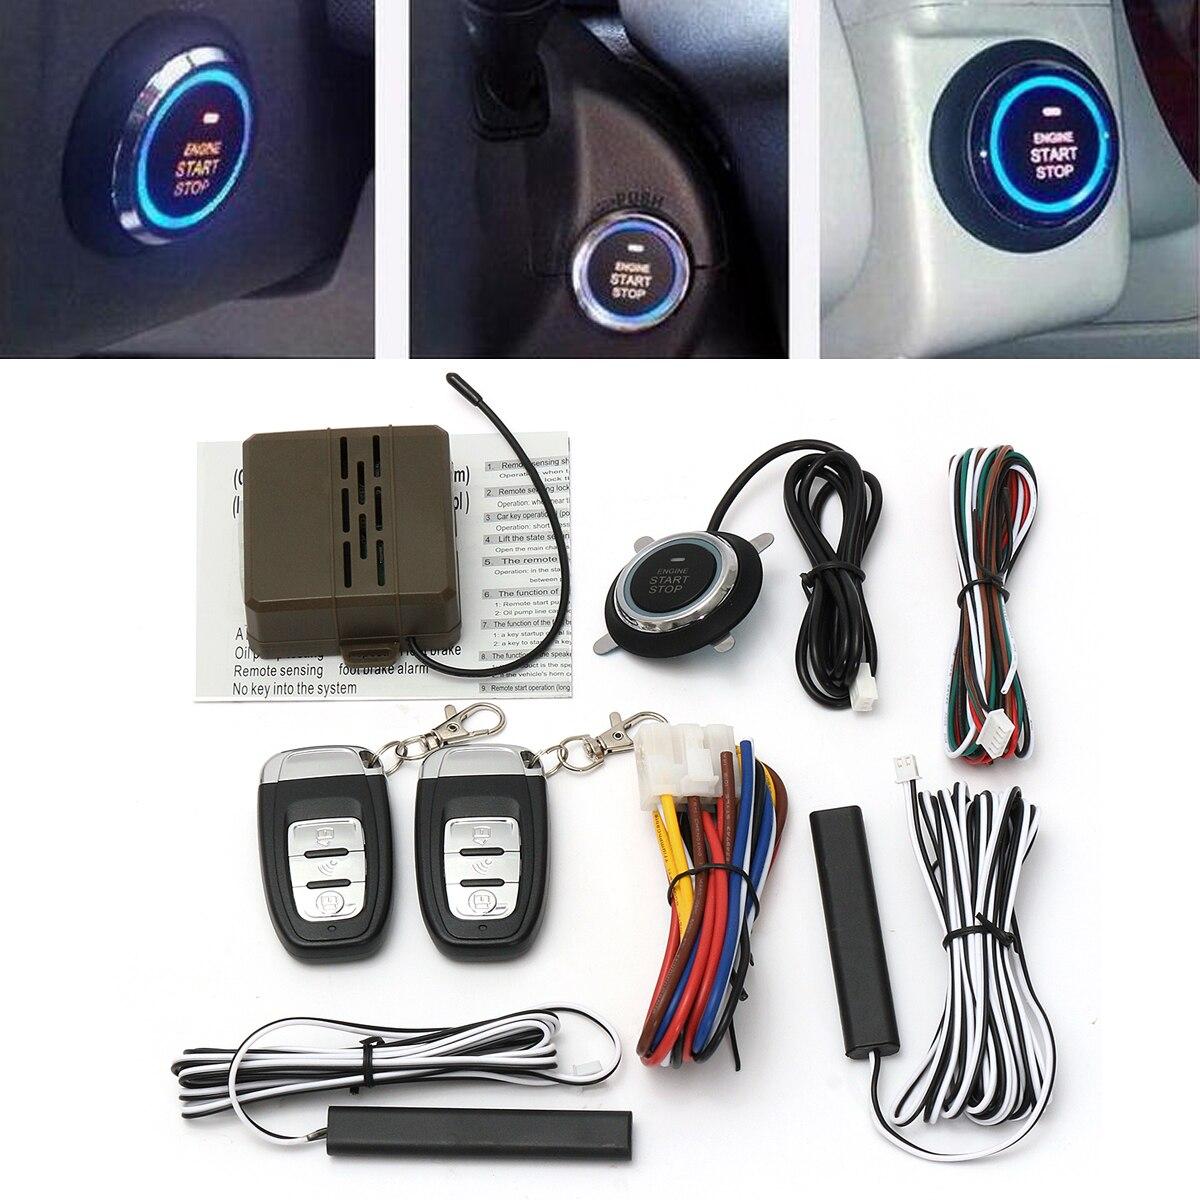 Kroak muplaifuntion Smart E modèles télécommande alarme de voiture démarrage système d'entrée sans clé bouton poussoir démarrage arrêt système - 2